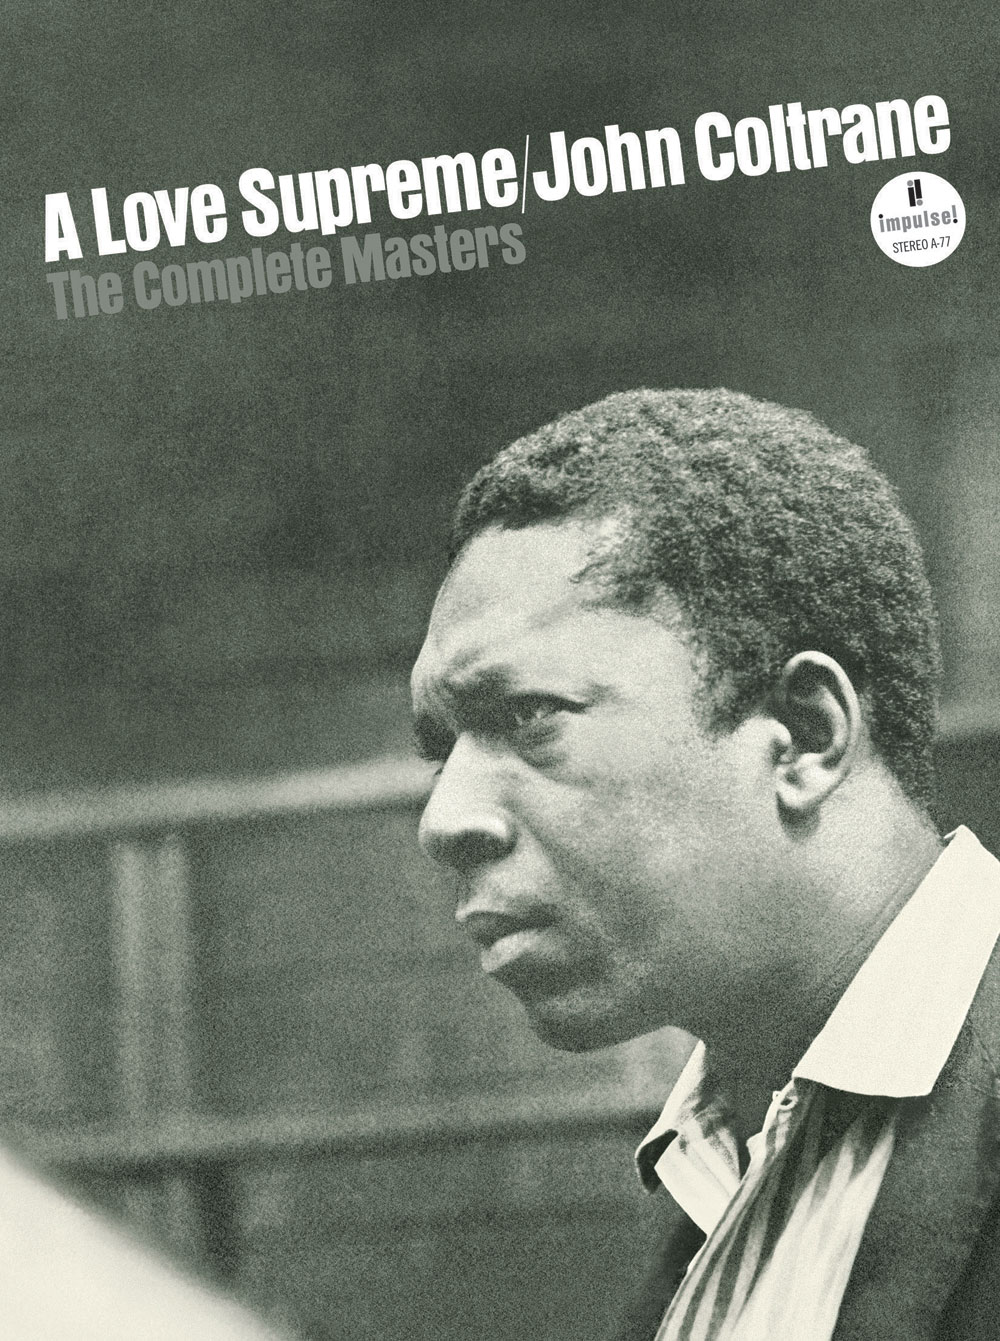 John Coltrane</br>A Love Supreme – The Complete Masters</br>Impulse!, 2015